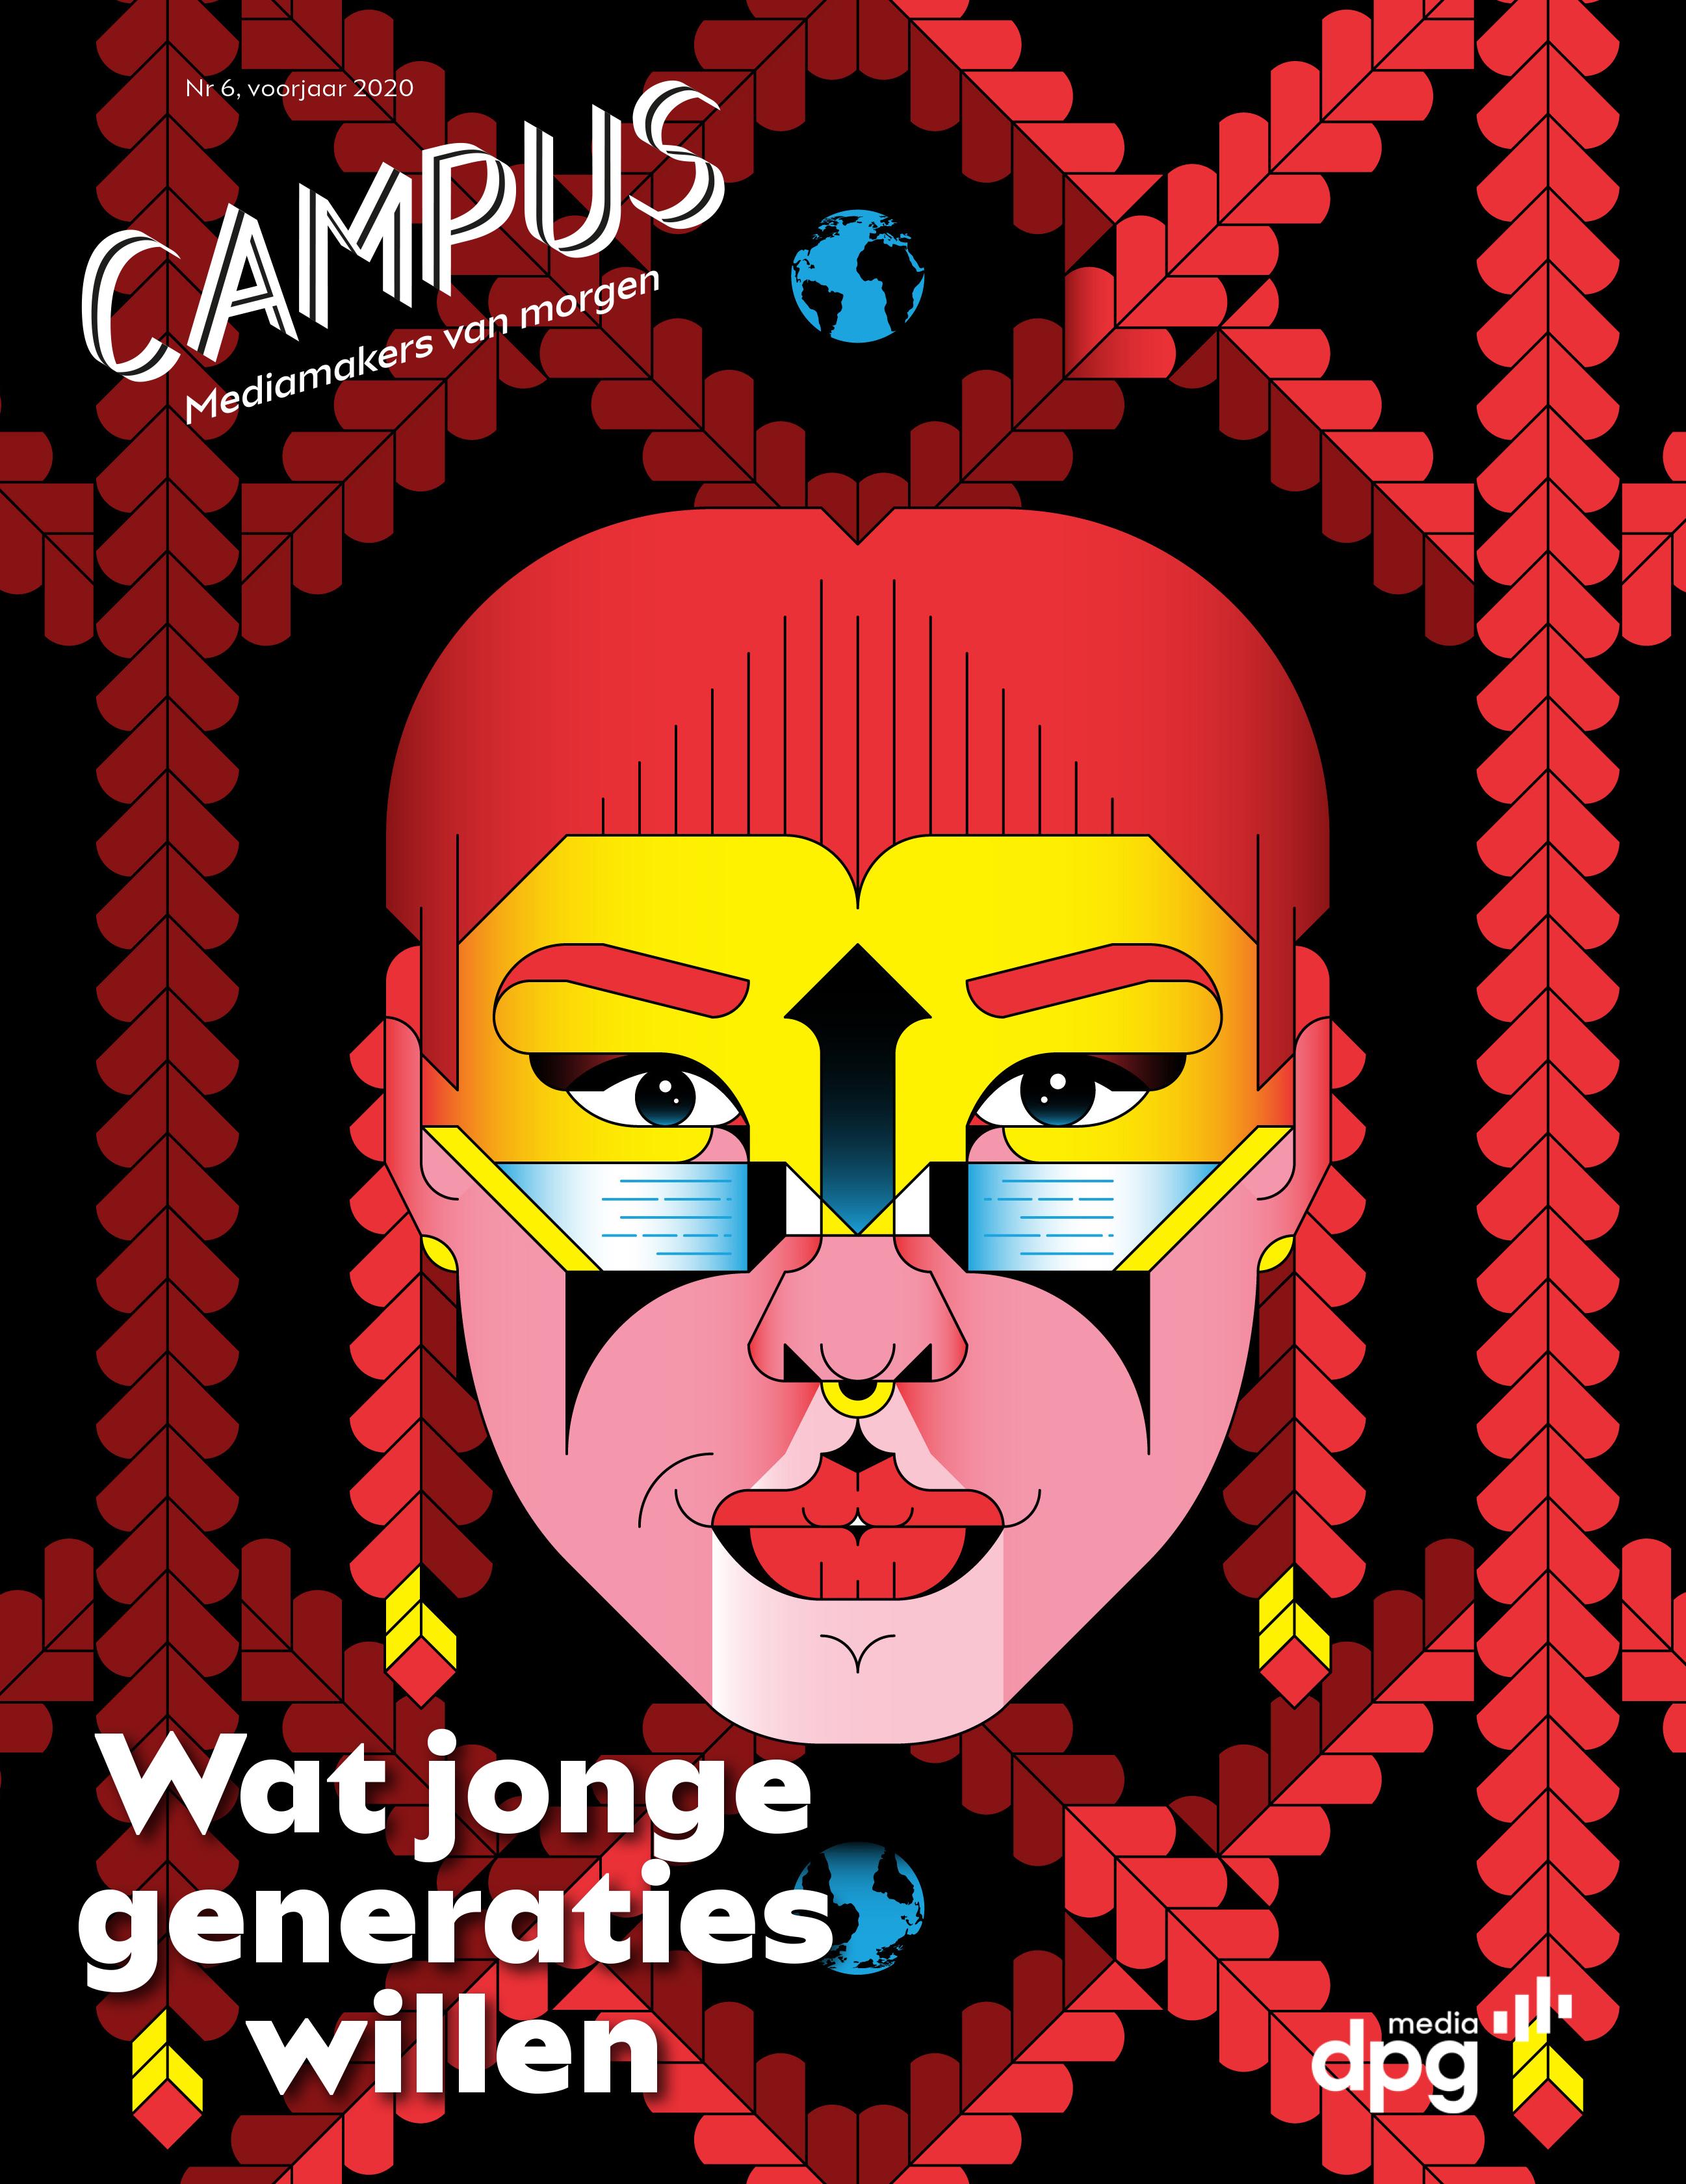 Campus magazine voorjaar 2020